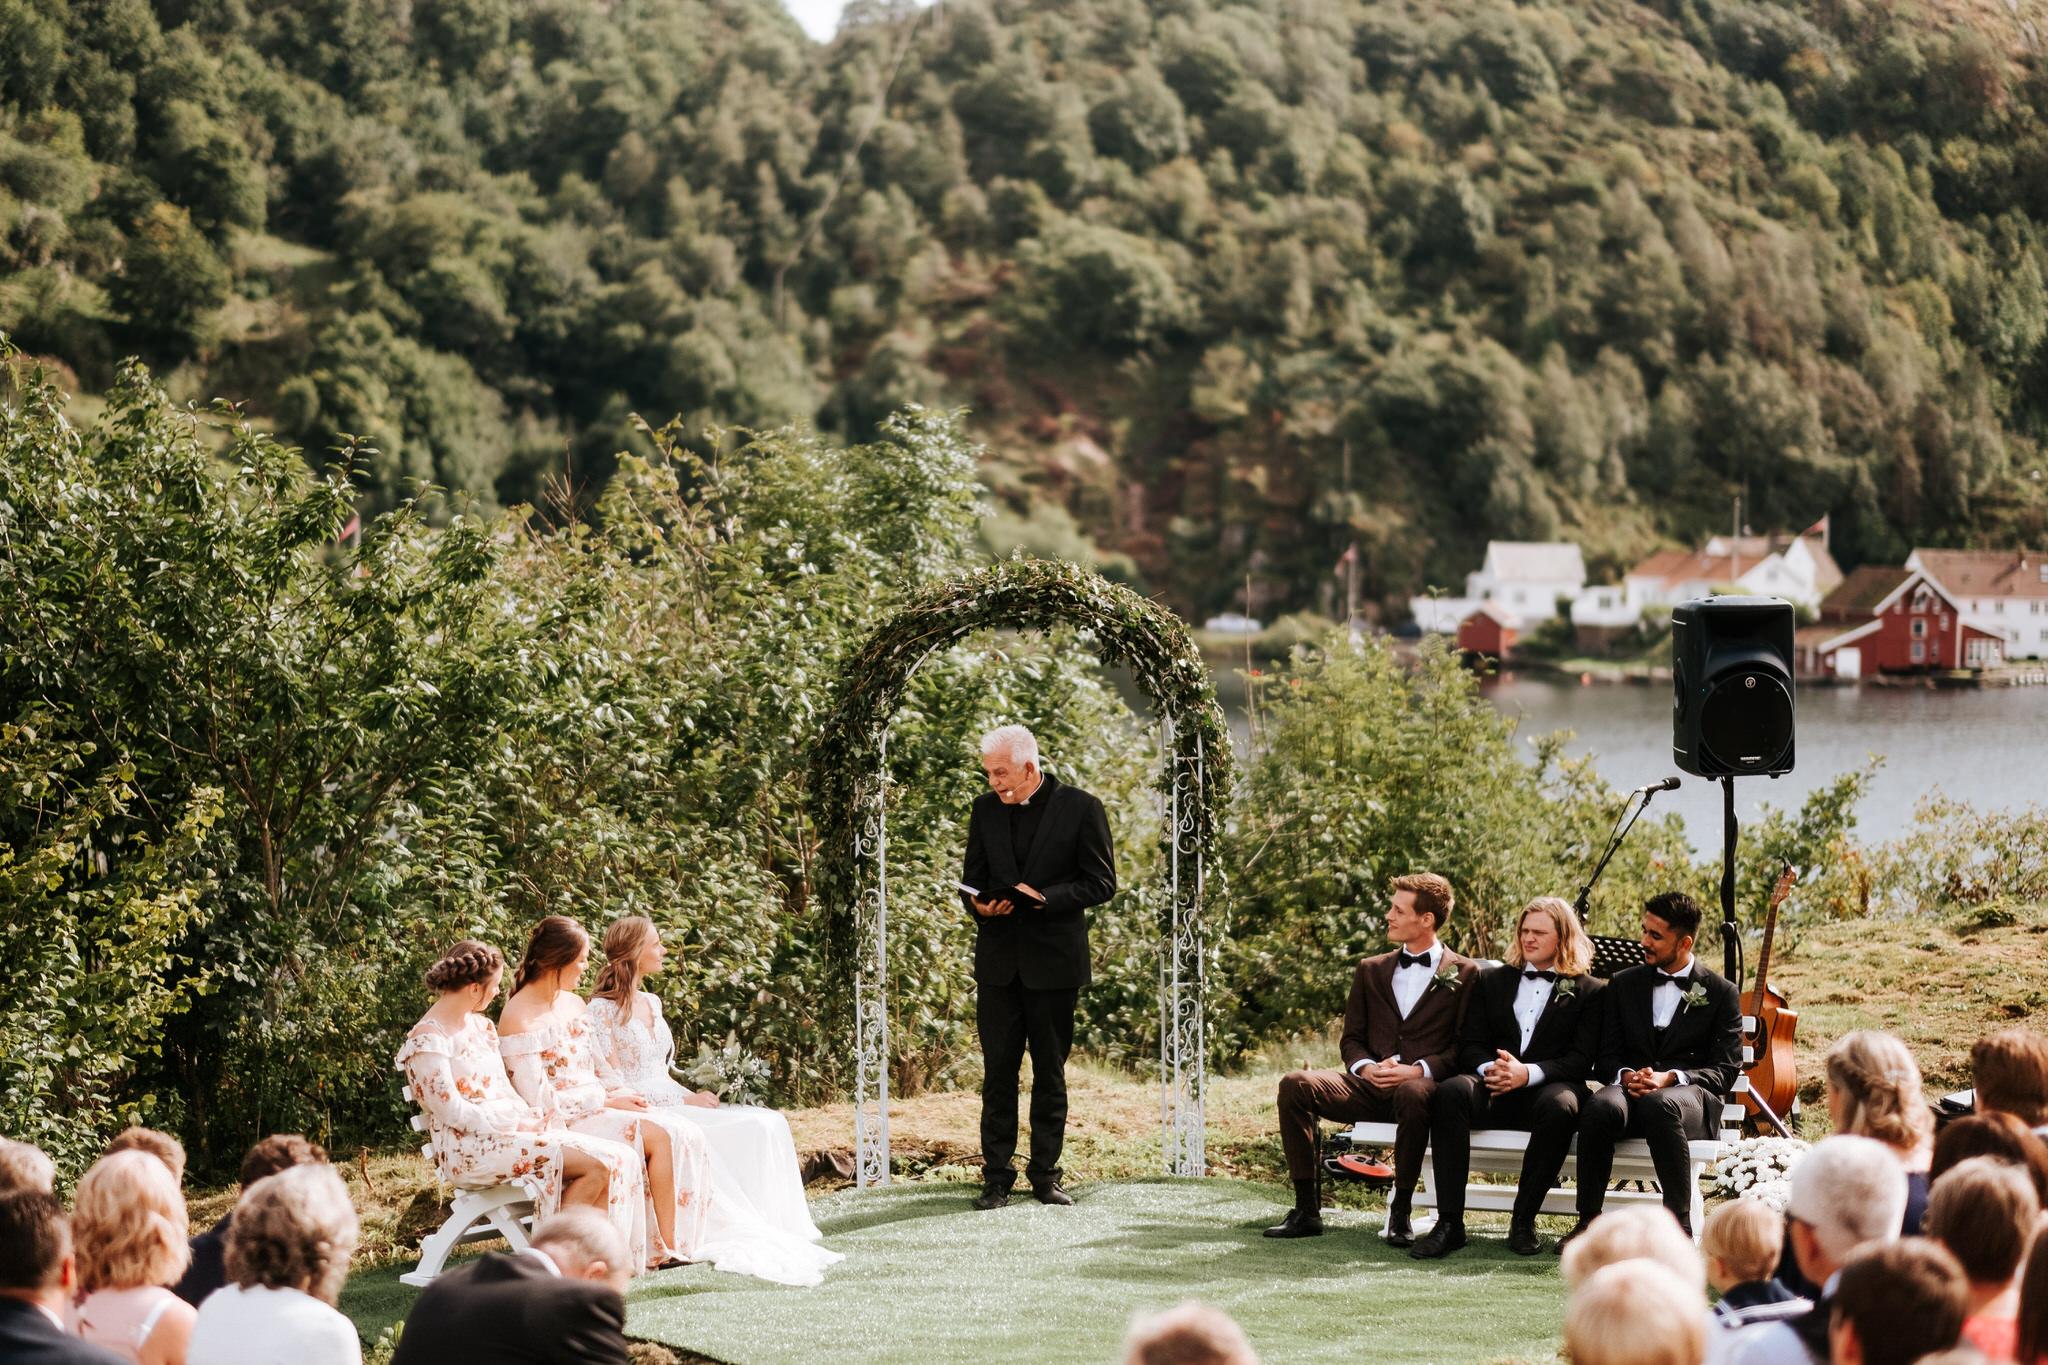 sokndal egersund bryllupsfotograf 015.JPG